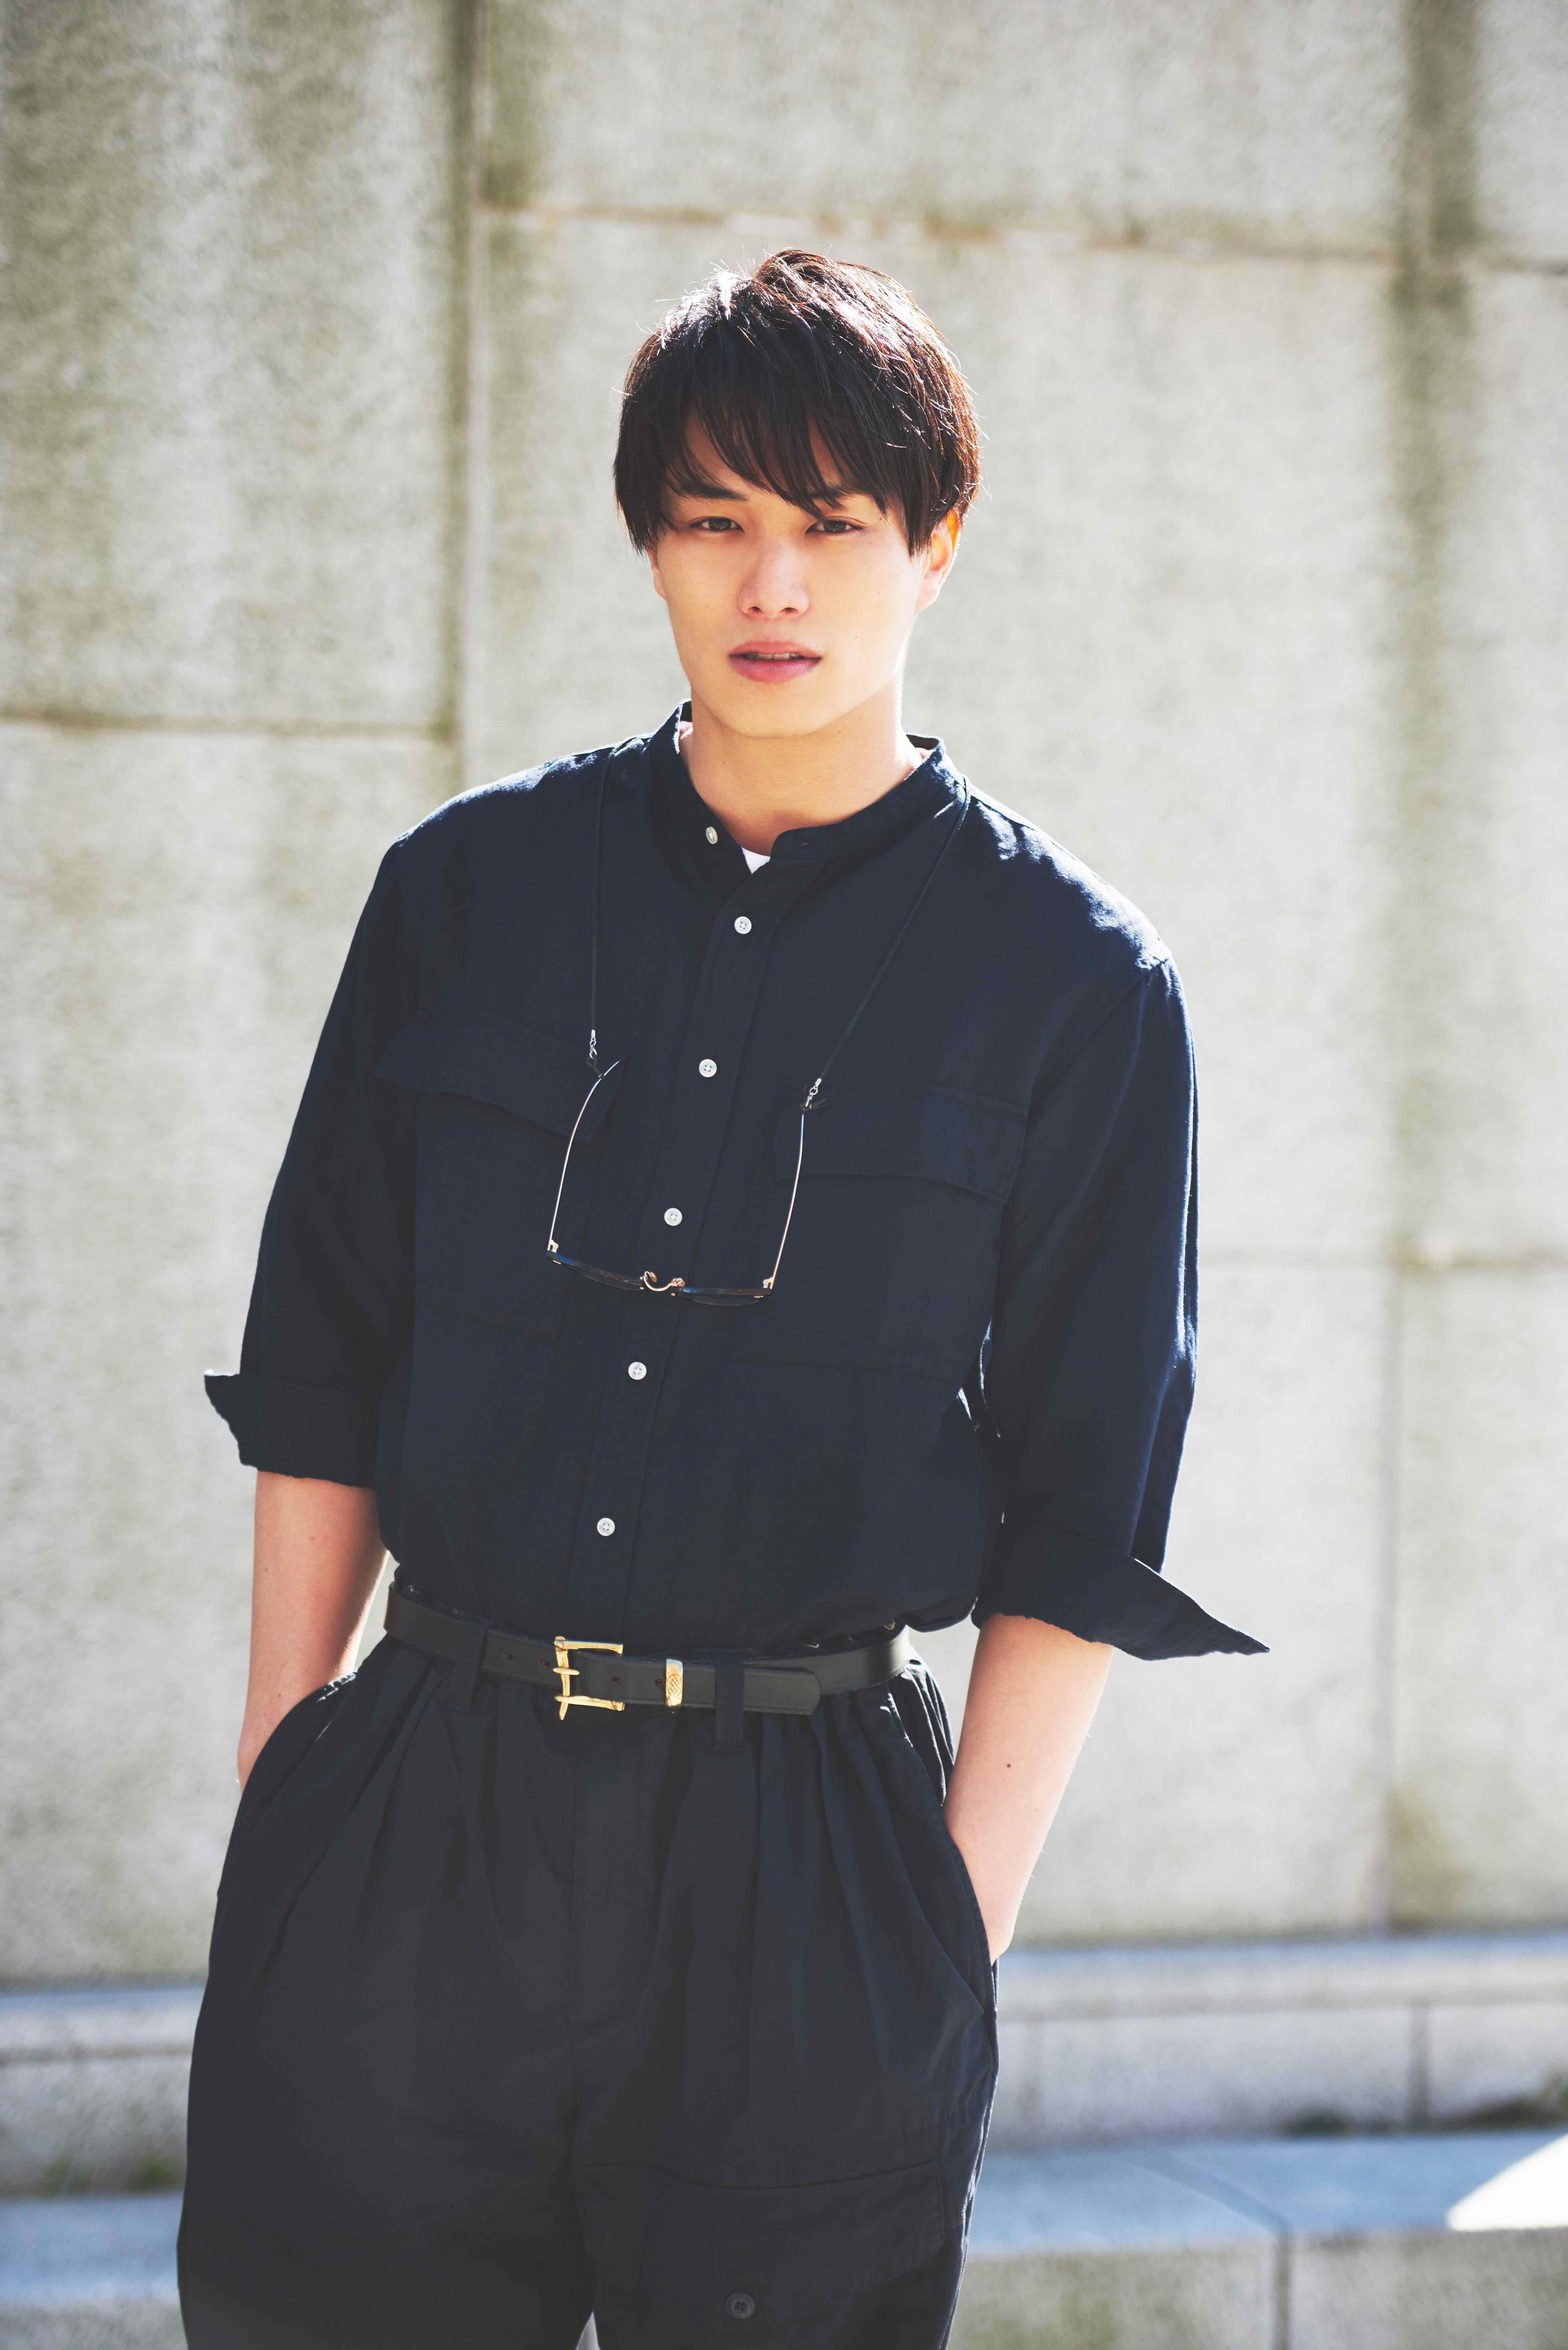 鈴木伸之×〈Right-on〉ファッション・コラボレート